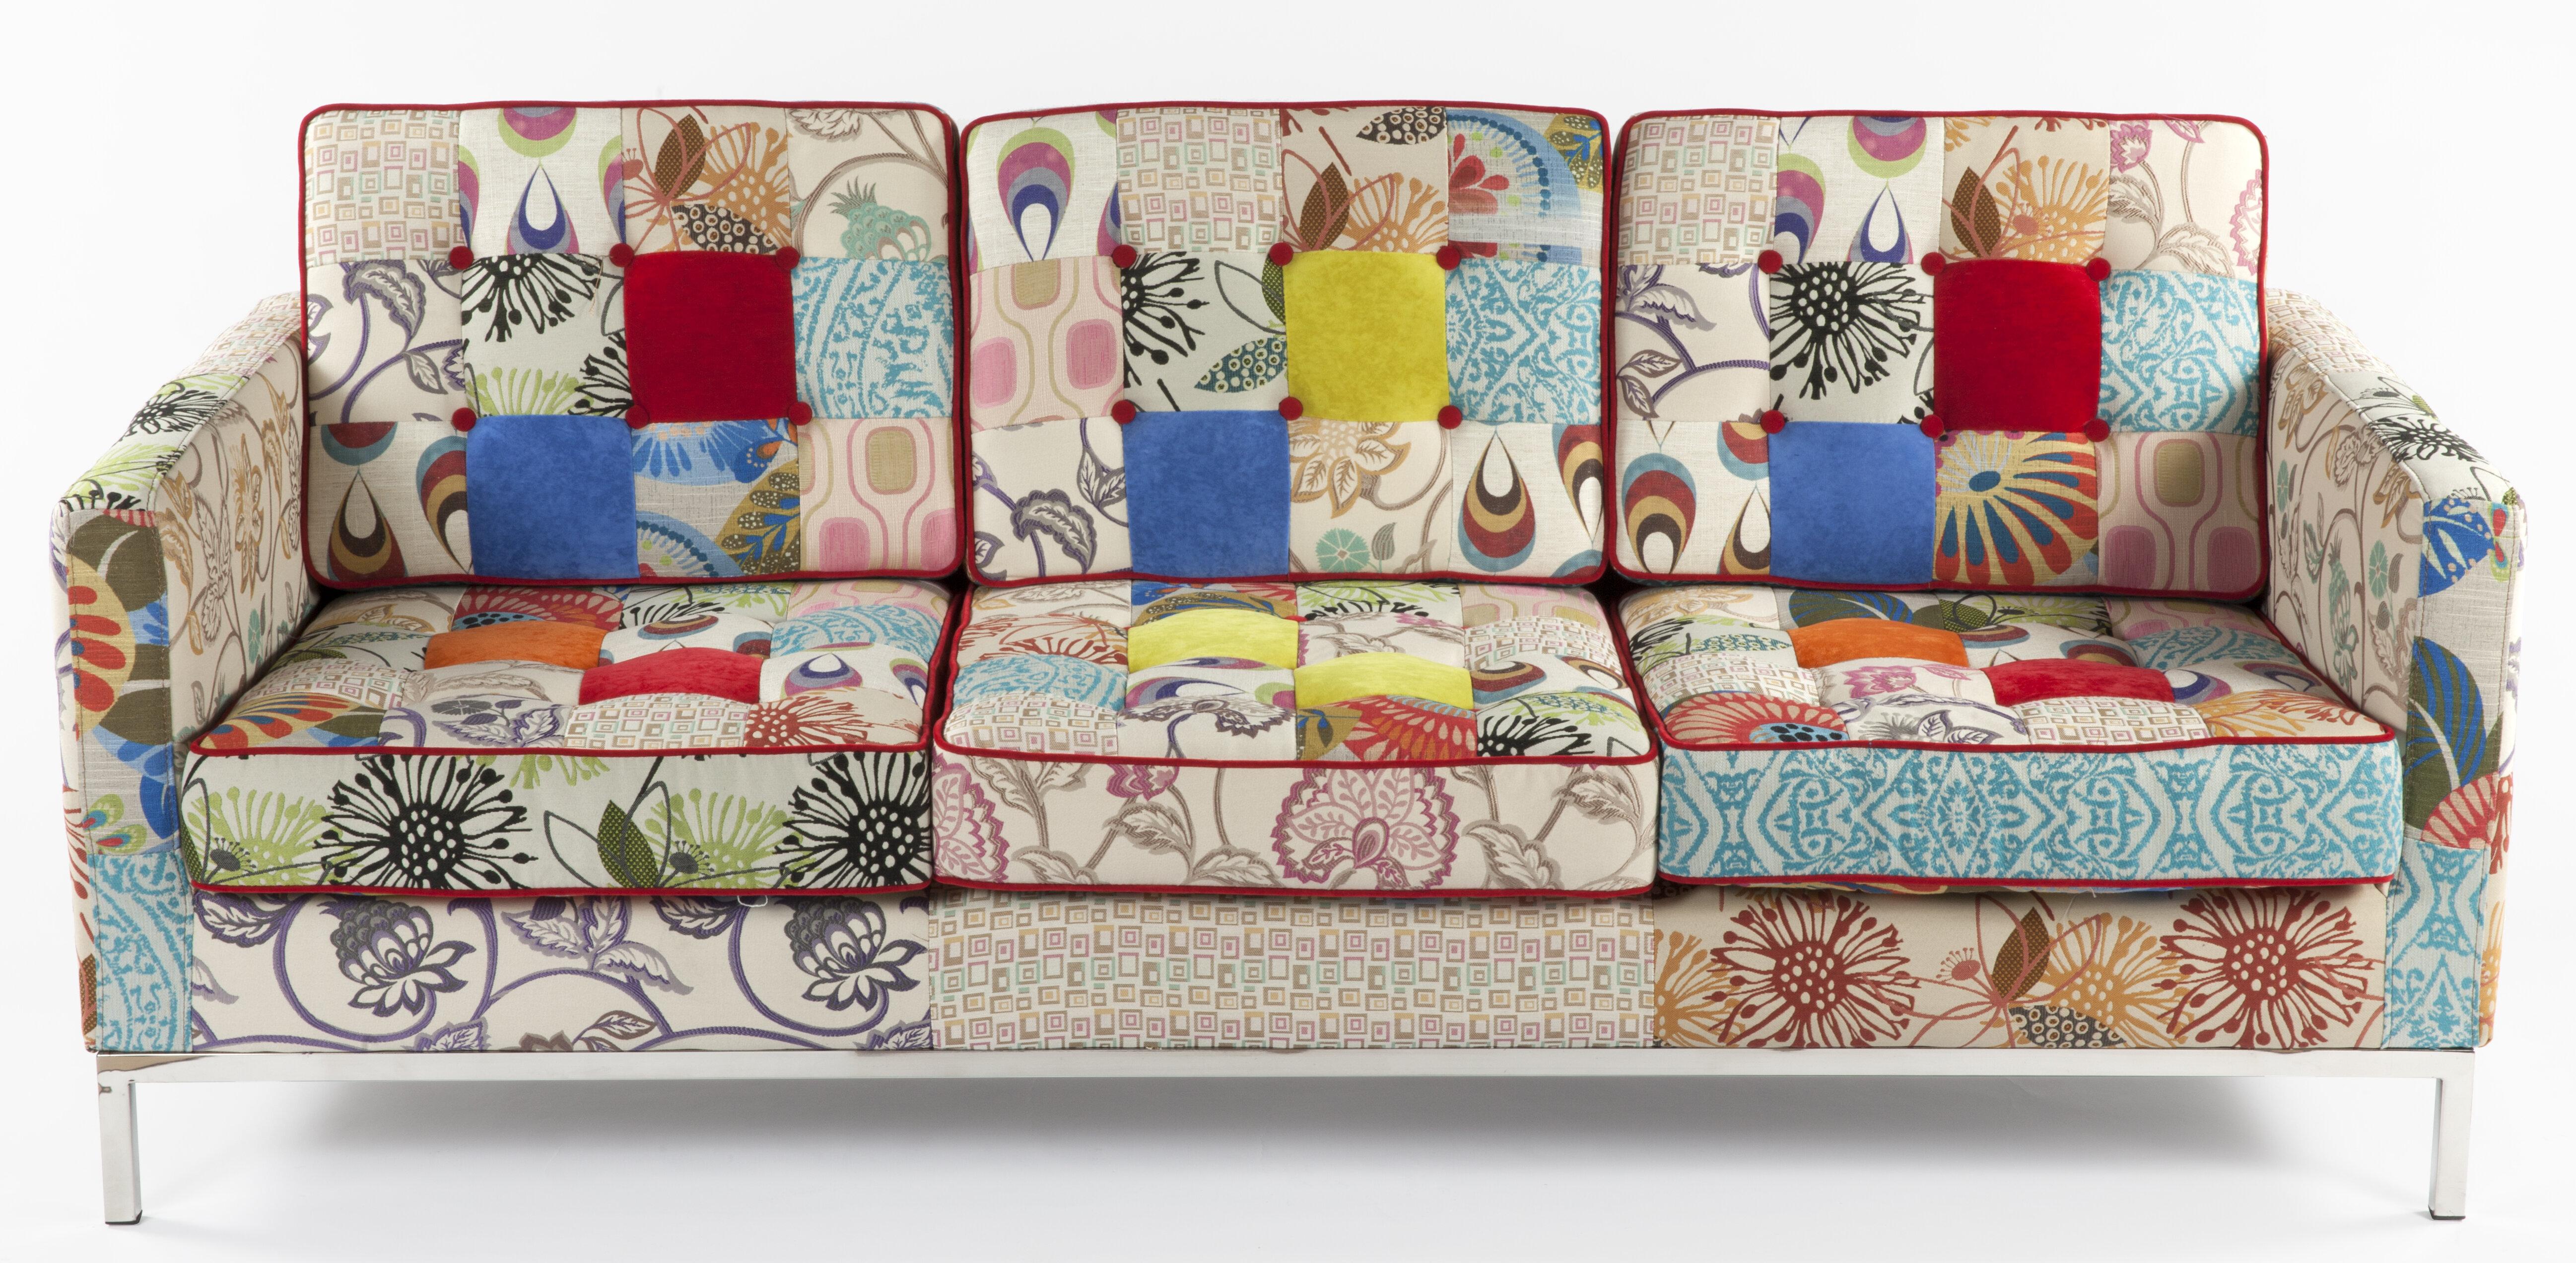 Großartig Sofa Patchwork Ideen Von